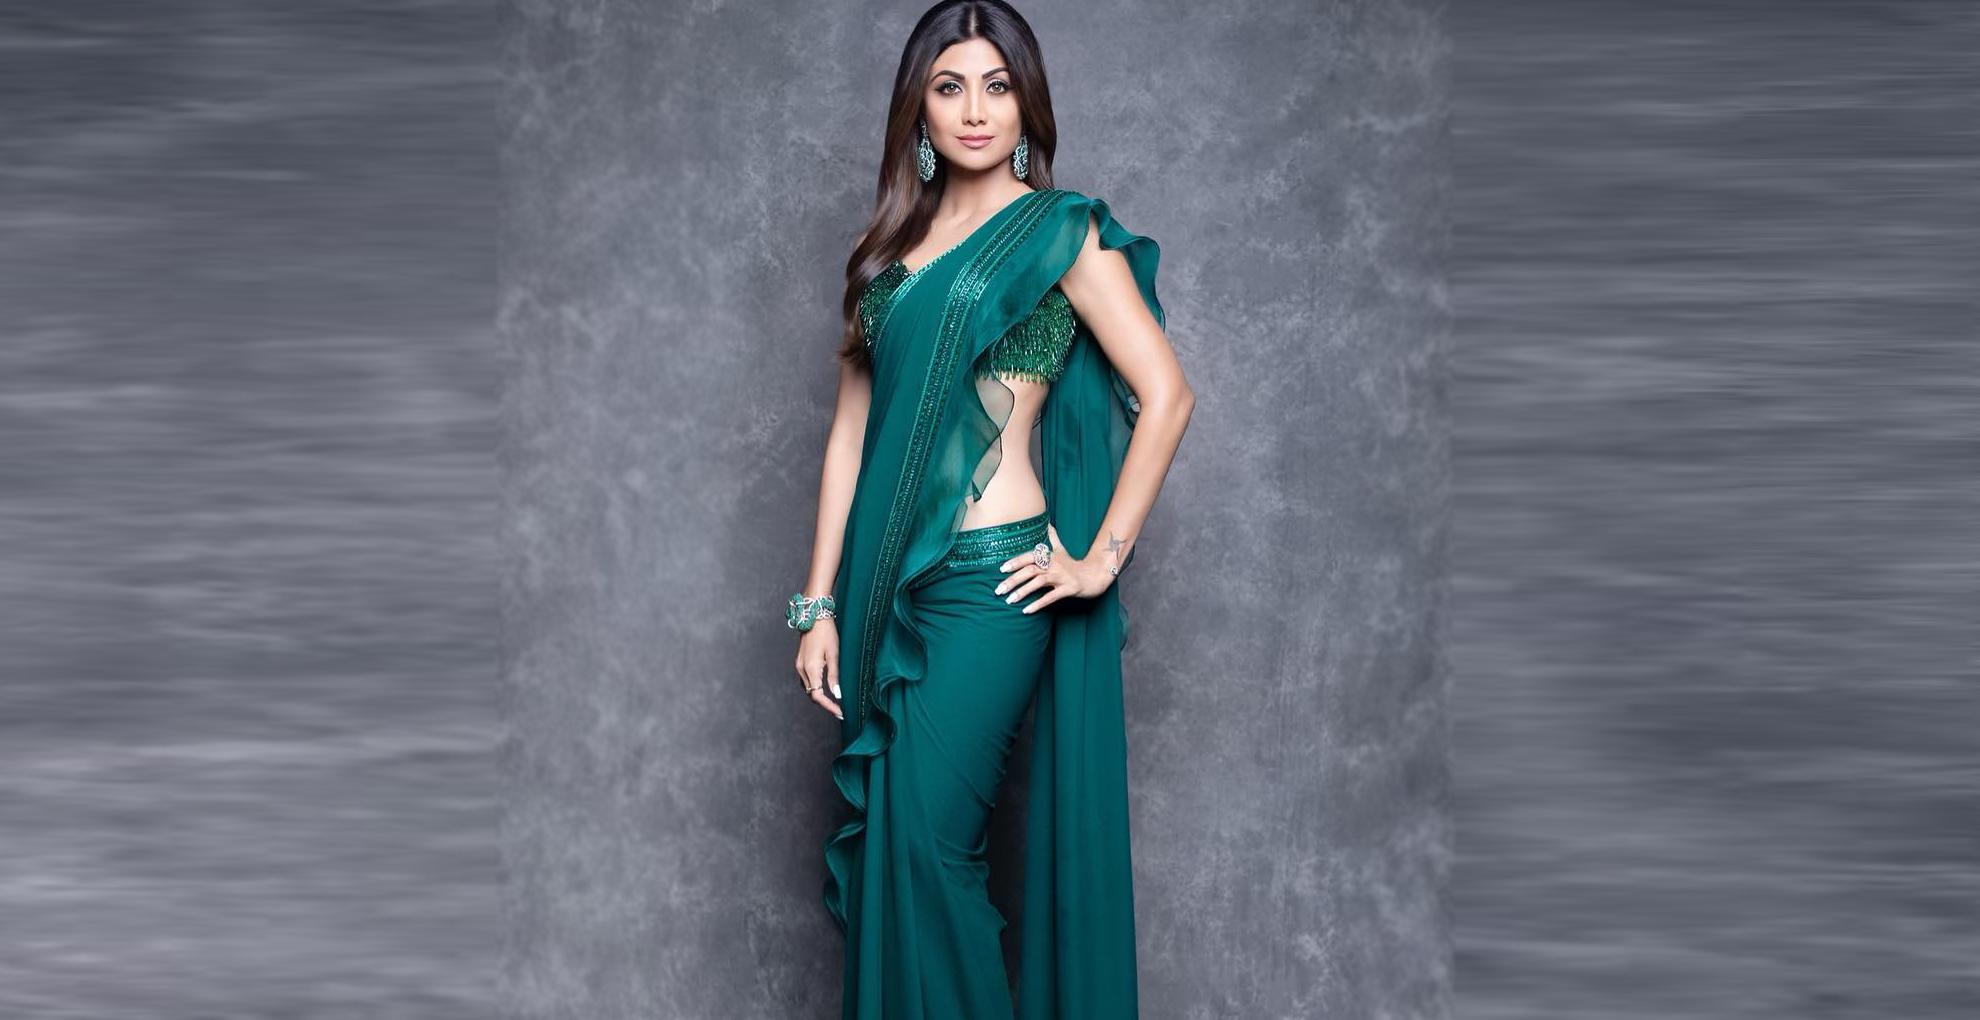 Sari Style Tips: साड़ी पहनते वक्त फॉलो करें ये 6 टिप्स, आपके ग्लैमरस लुक से लोगों की नहीं हटेंगी नजरें